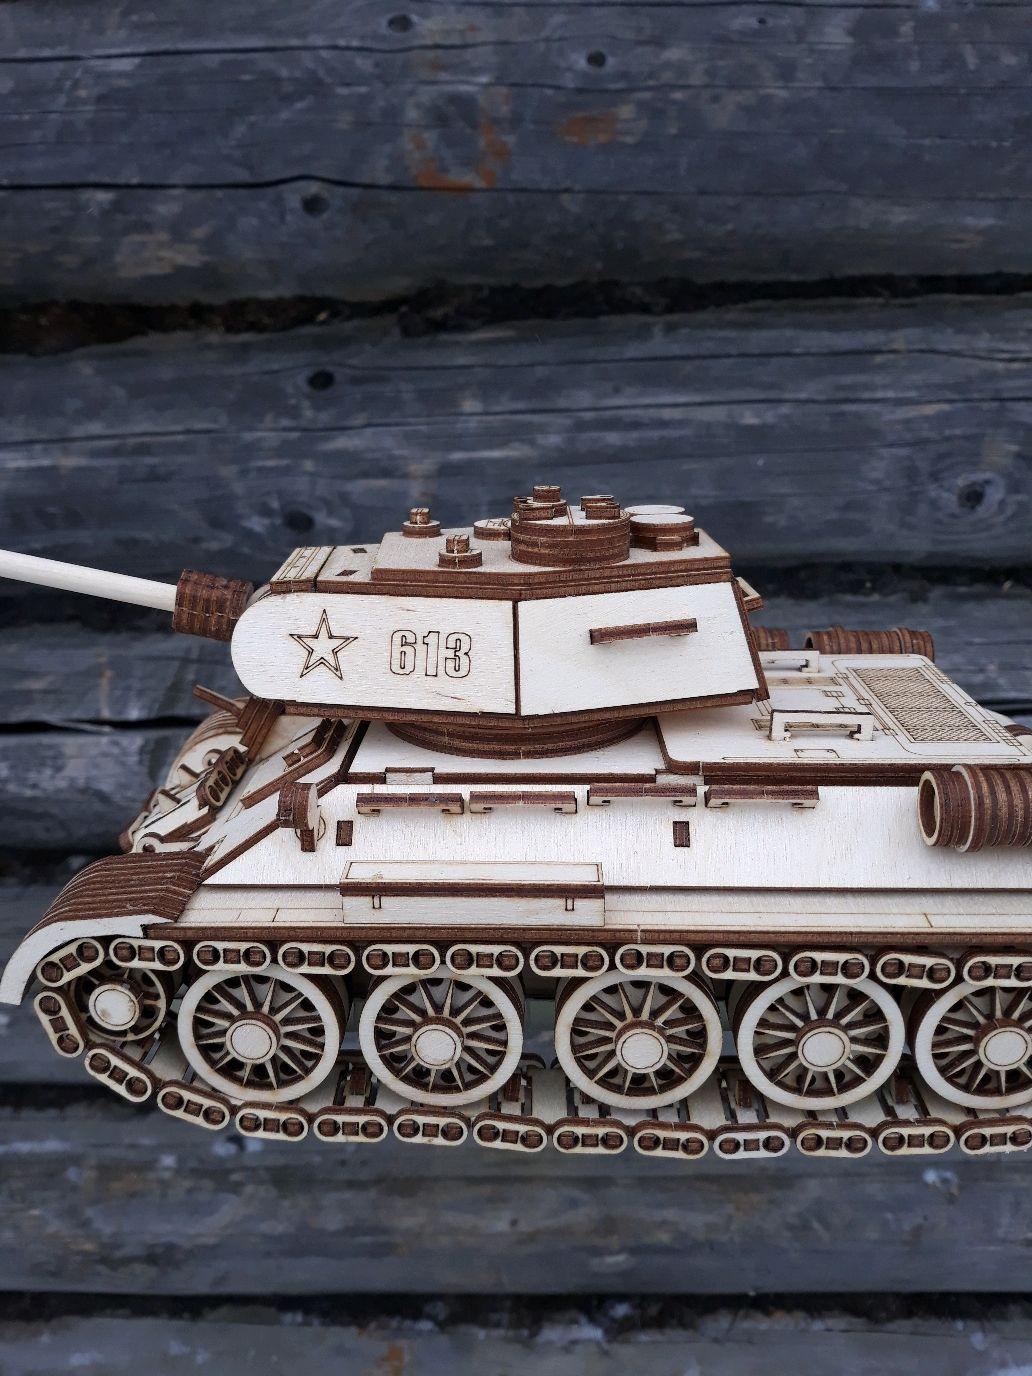 Танк Т-34-85 деревянный. Готовая модель, Техника роботы транспорт, Вичуга,  Фото №1